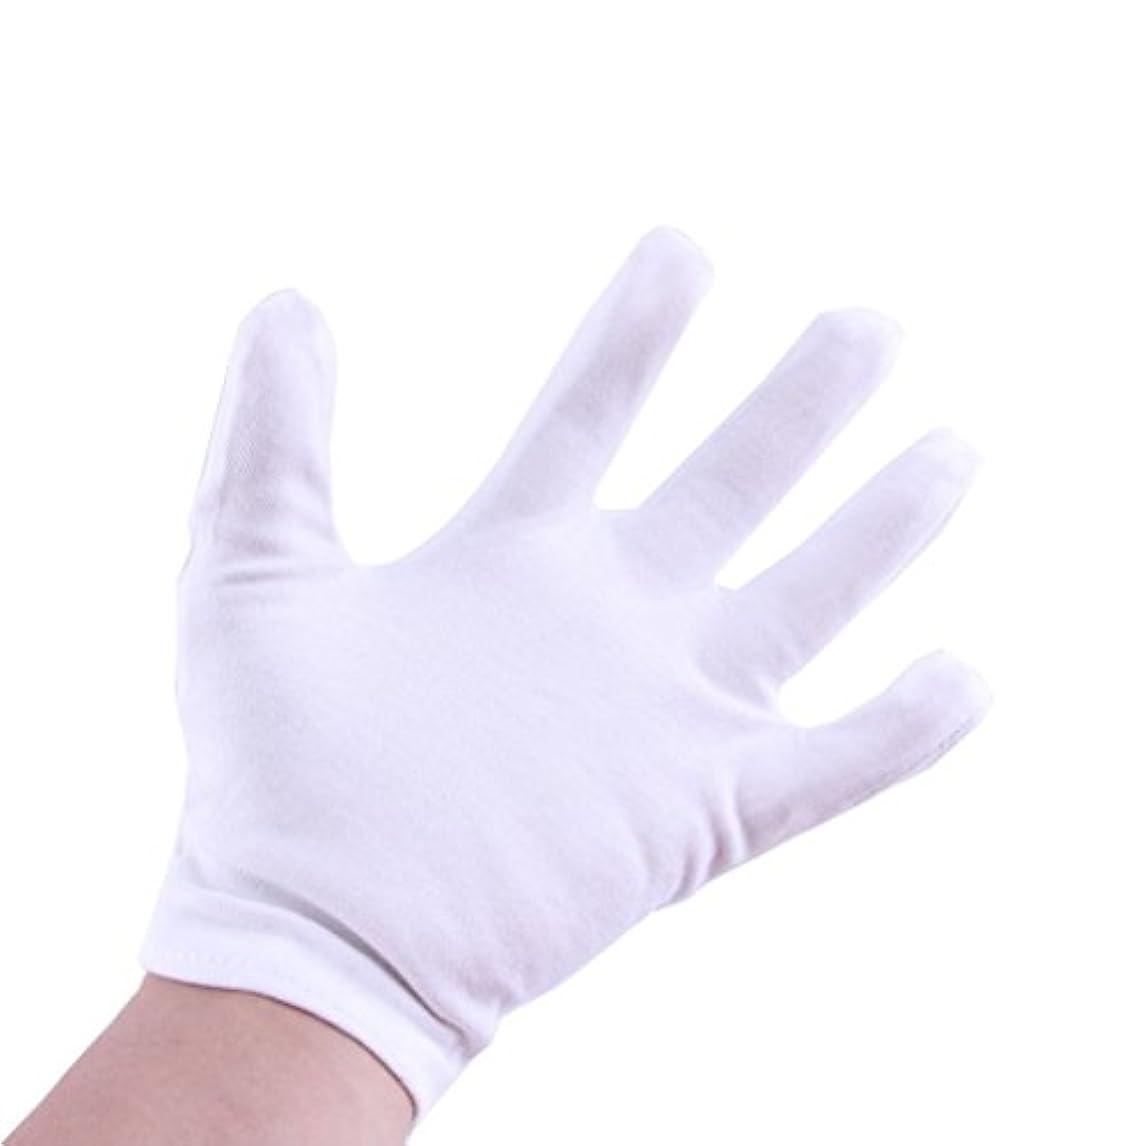 シェルター散文保存する12双組 コットン手袋 / 純綿100% 作業用 手荒れ予防 白手袋